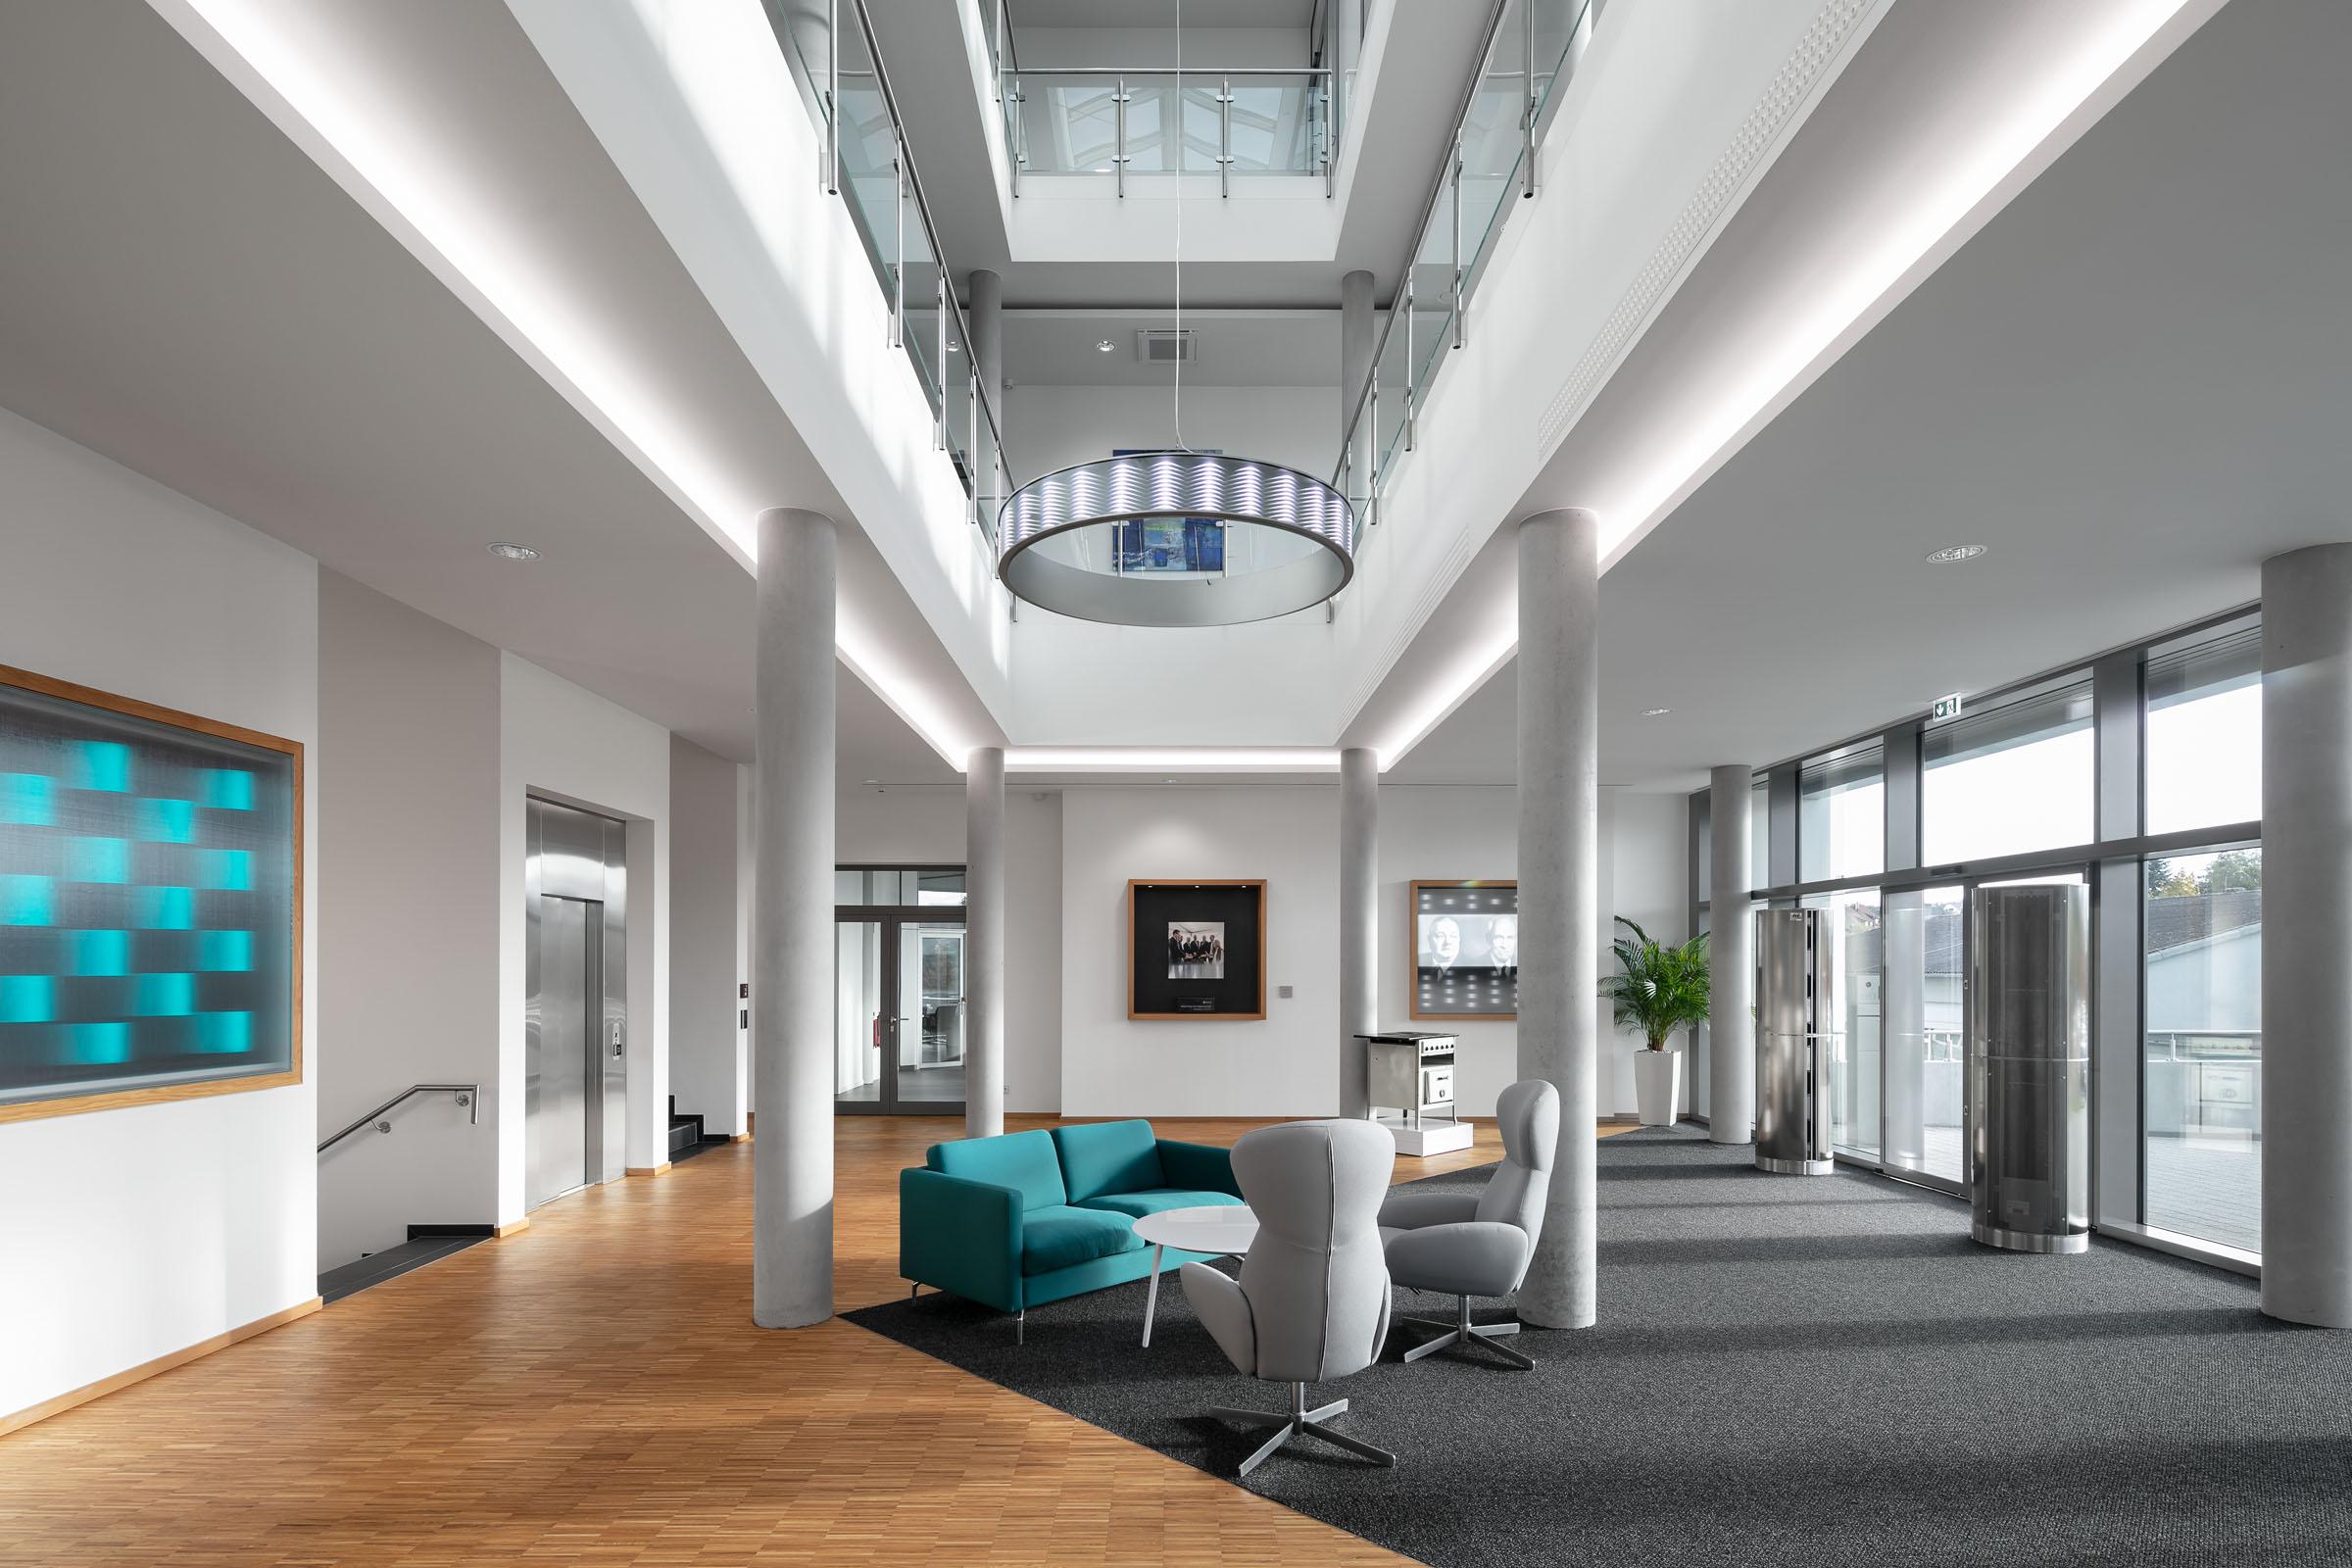 Leuchtelemente im Foyer eines modernen Firmengebäudes